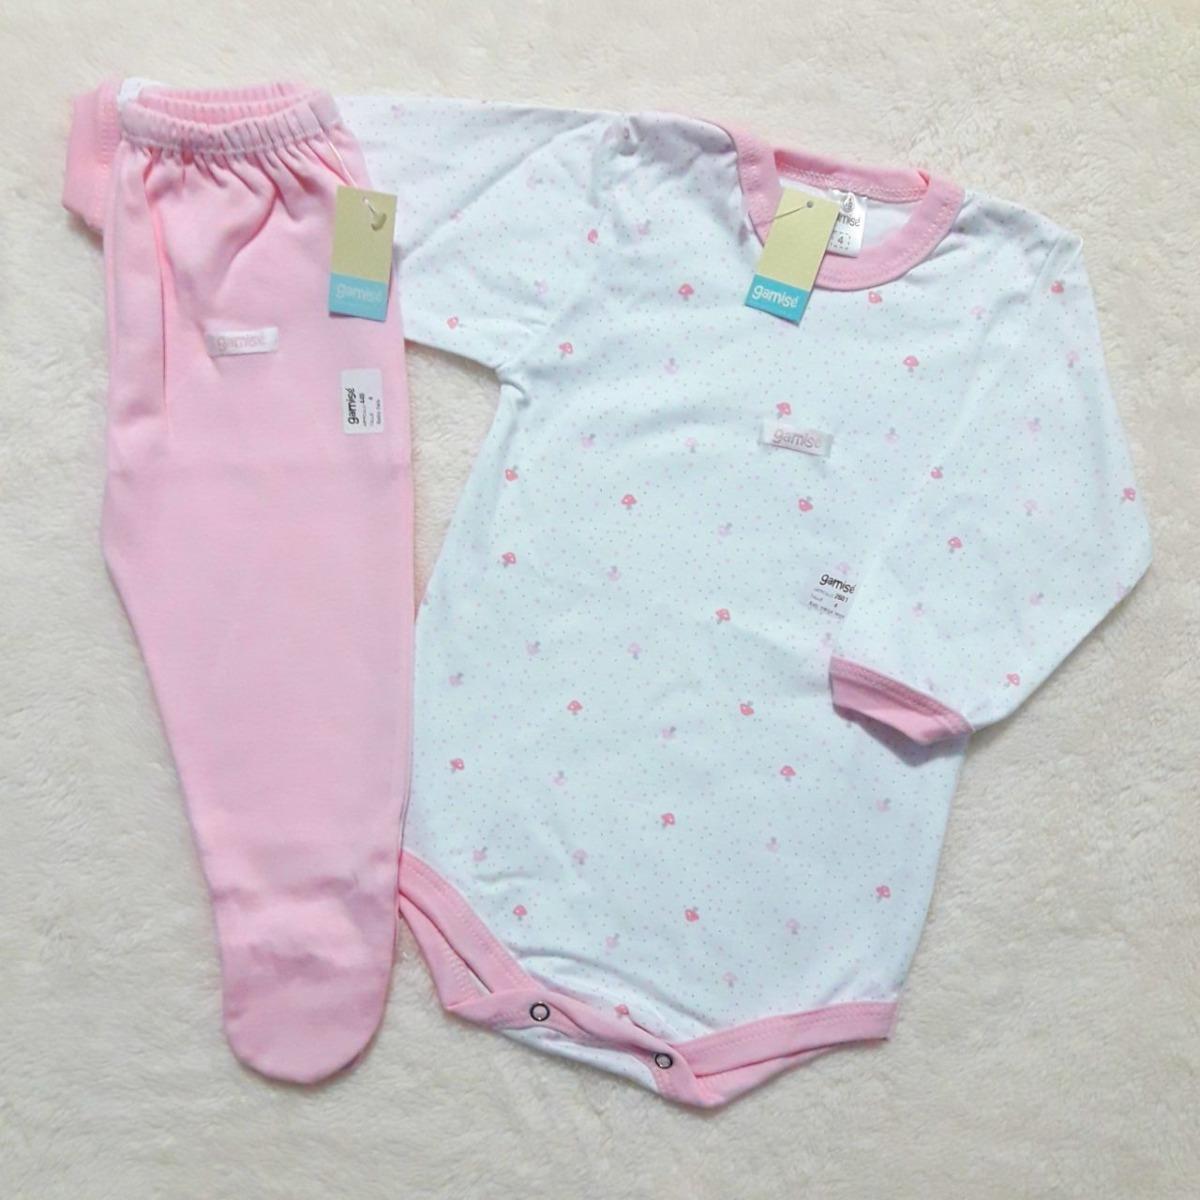 13baf3ee7 conjunto body y ranita 9 meses talle 4 bebé gamisé ropa nena. Cargando zoom.